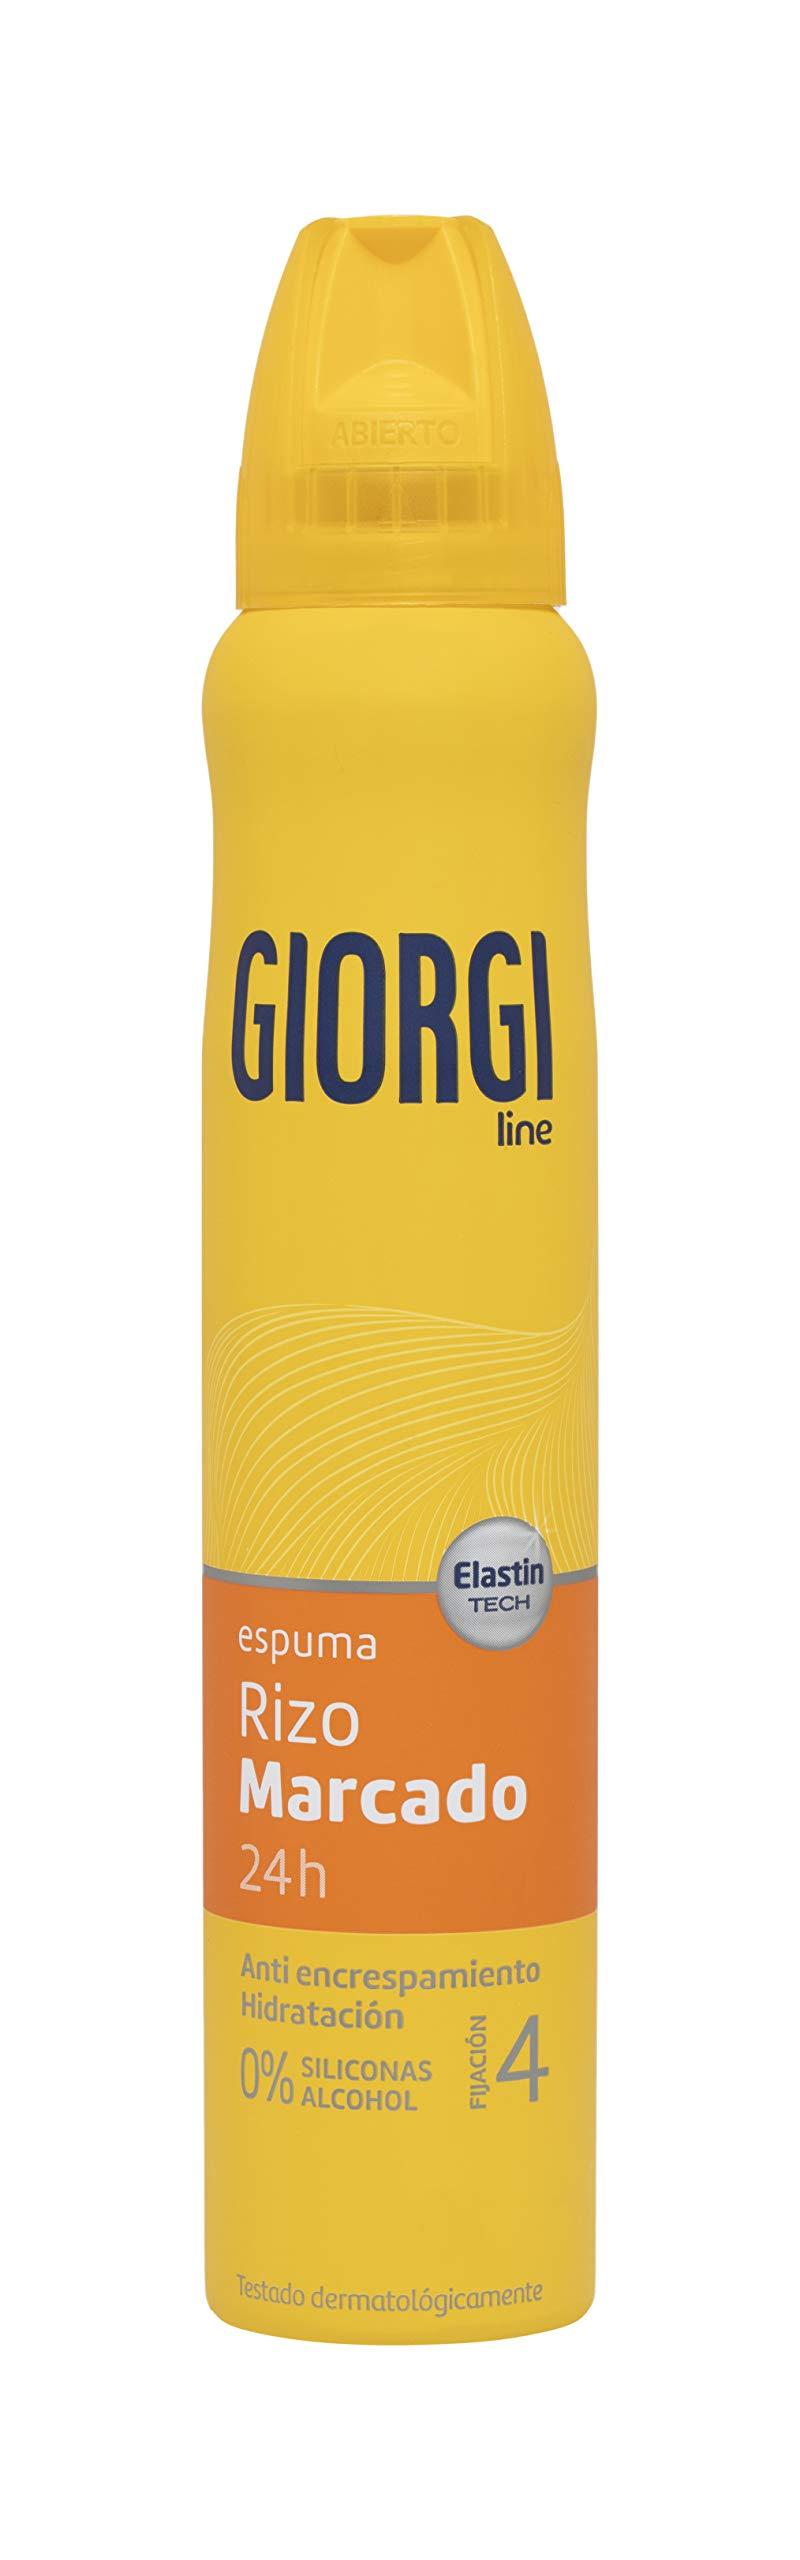 GIORGI Line - Espuma Rizo Marcado 24h, Anti Encrespamiento e Hidratación, 0% Siliconas y Alcohol, Fijación 4 - 210 ml